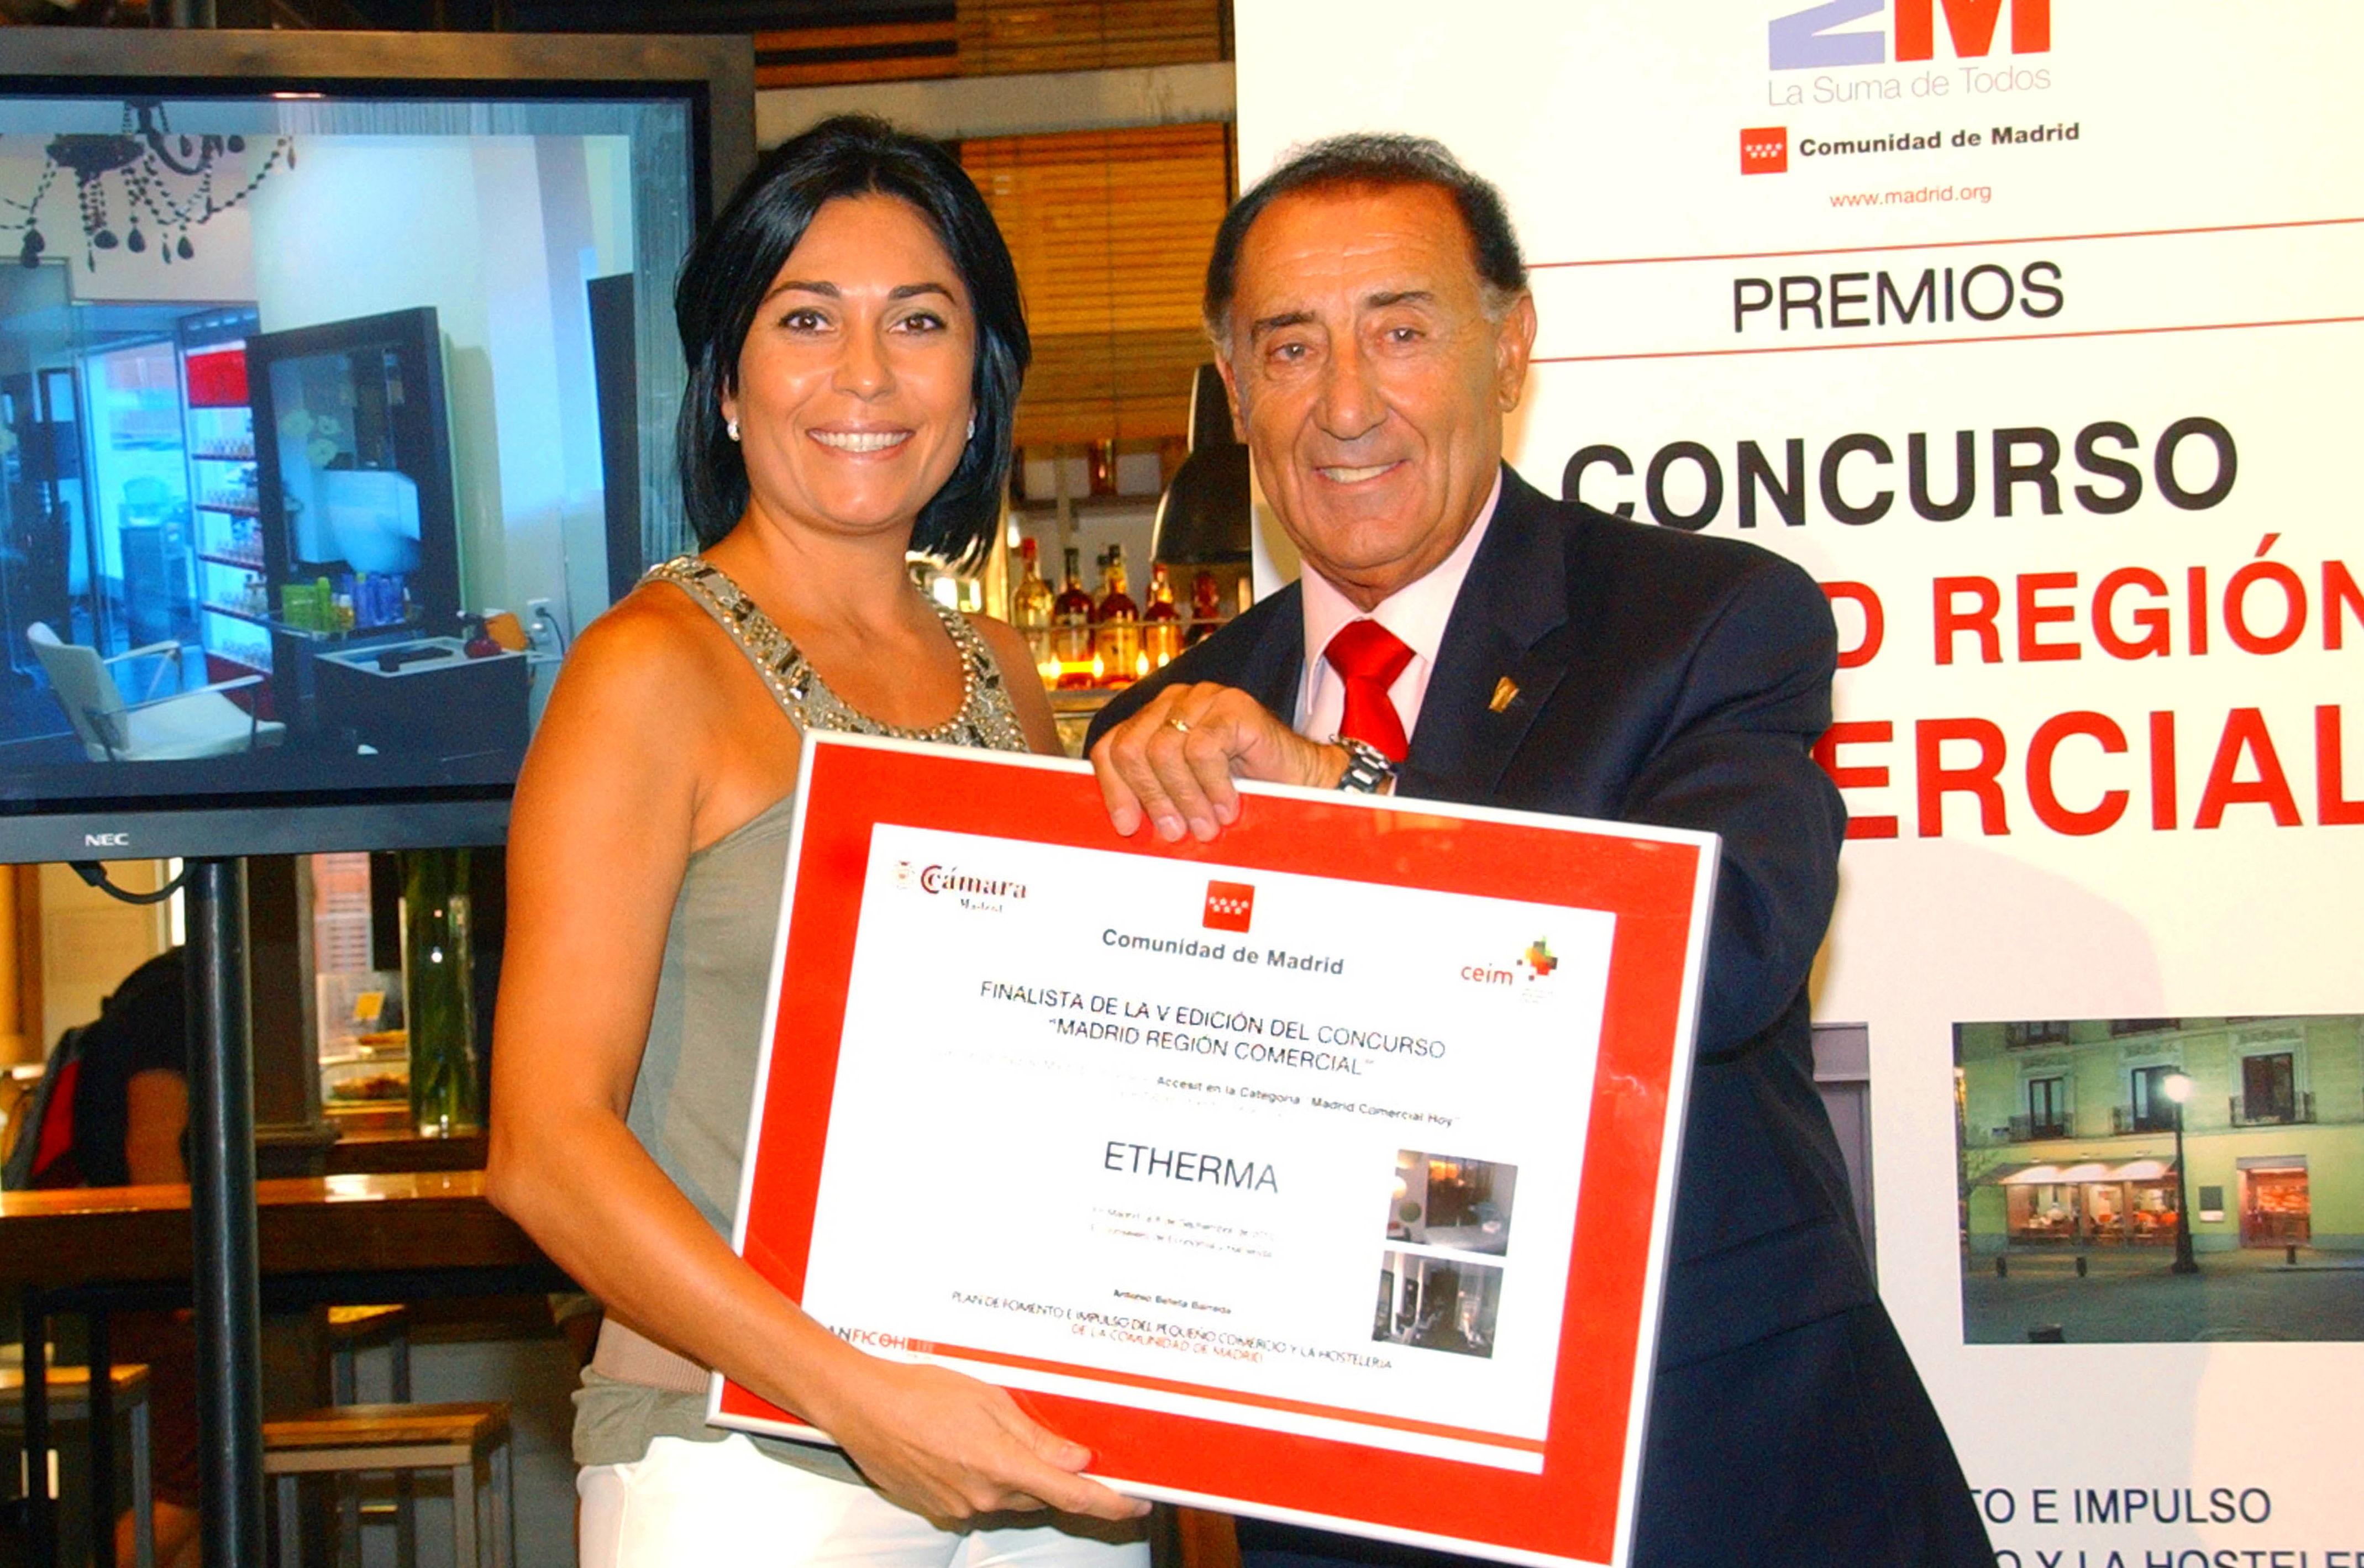 Finalista V Edición Madrid Región Comercial